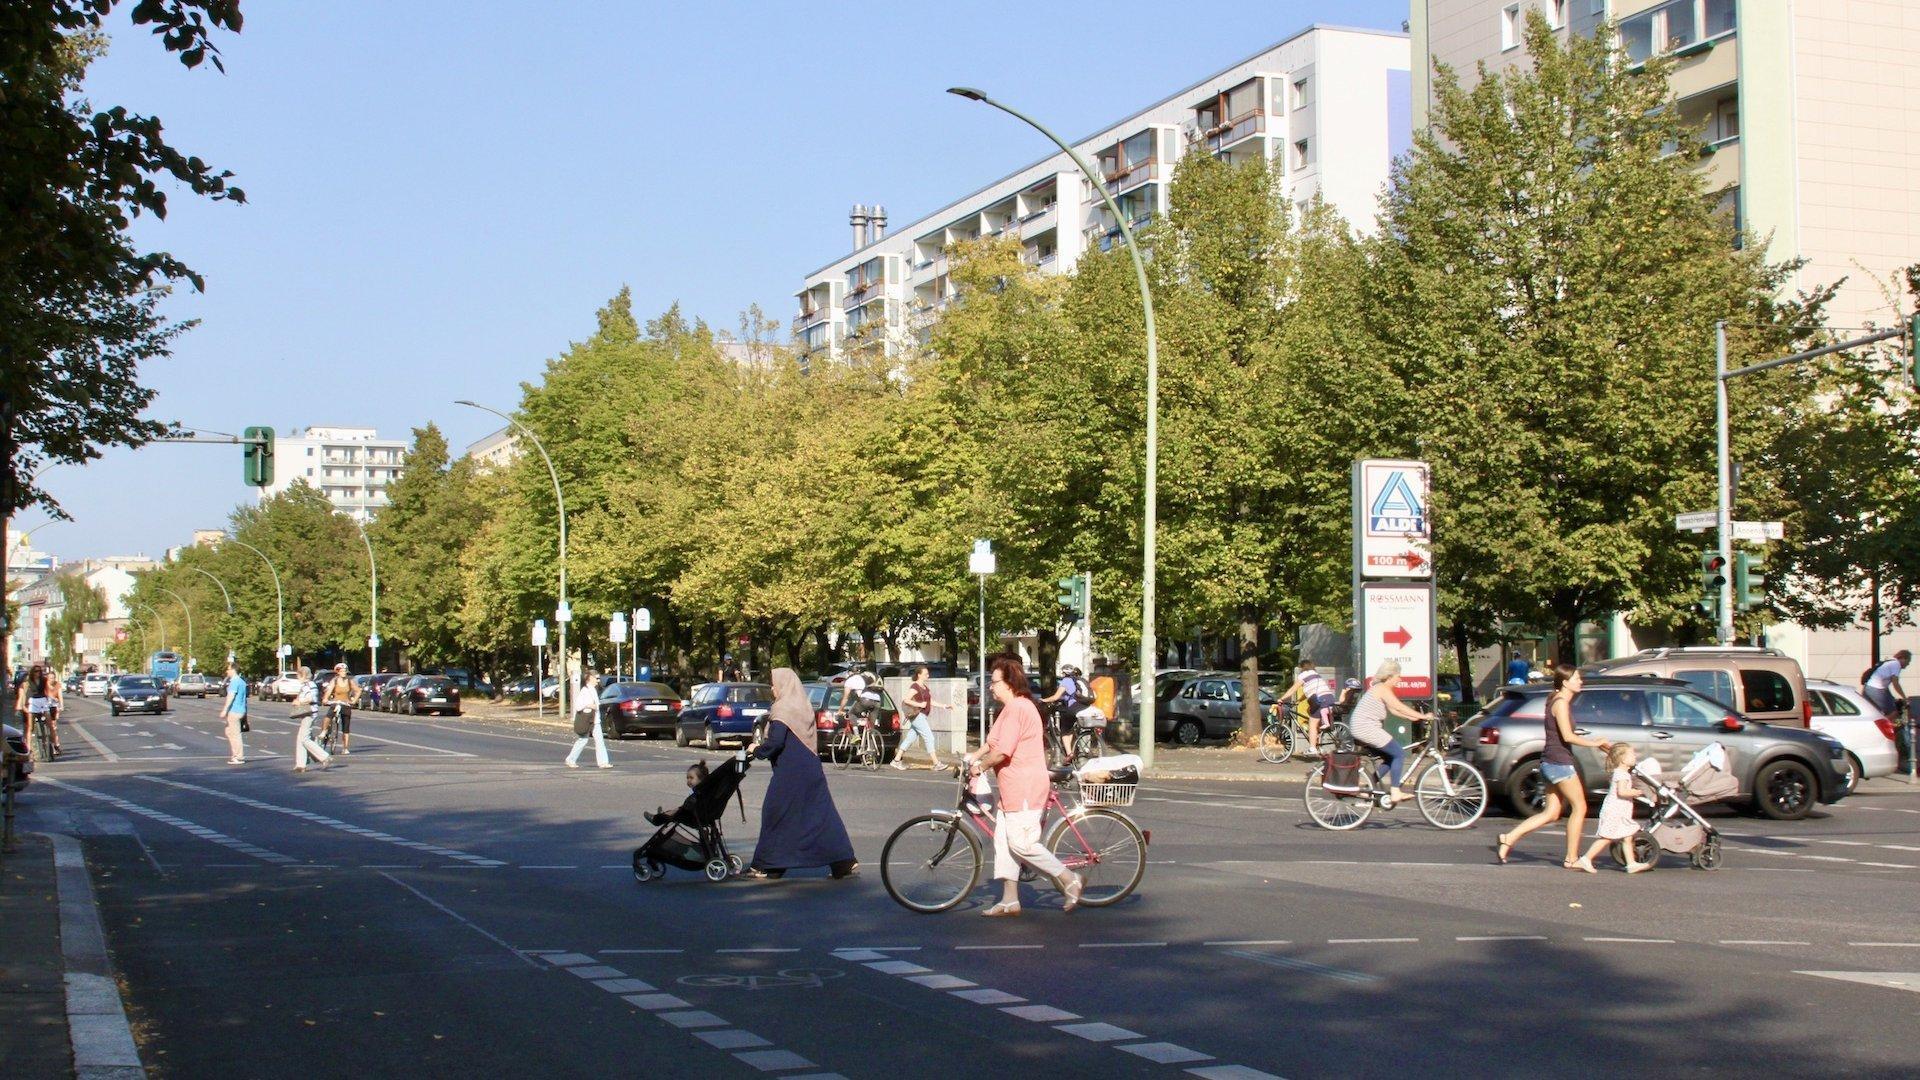 Eine breite Kreuzung in Berlin im Spätsommer. Die Sonne scheint. Zwei Frauen schieben Kinder in entgegengesetzter Richtung über die Ampel, eine weitere Frau schiebt ihr Fahrrad über die Kreuzung eine weitere fährt mit dem Rad im Hintergrund über die Kreuzung.